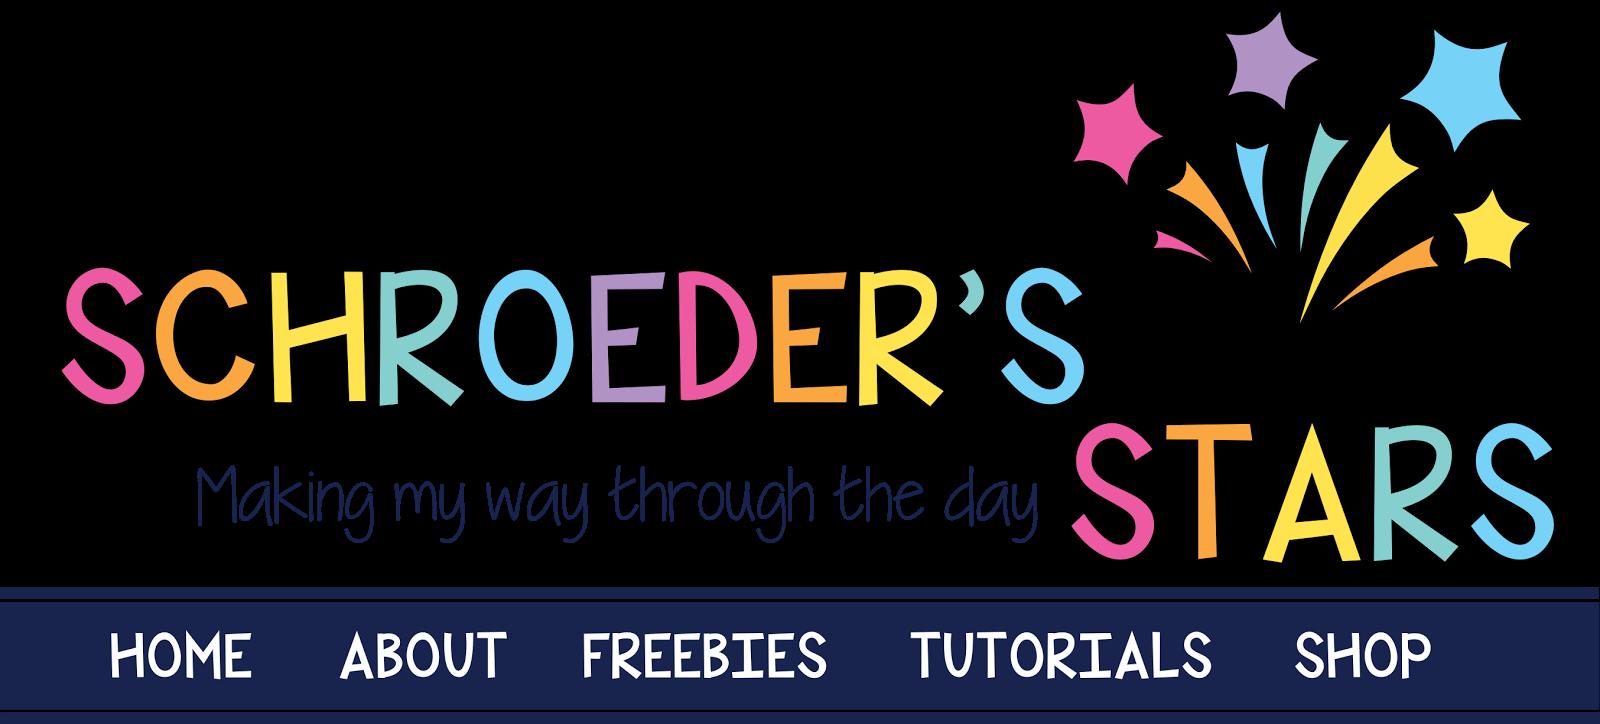 Schroeder's Stars